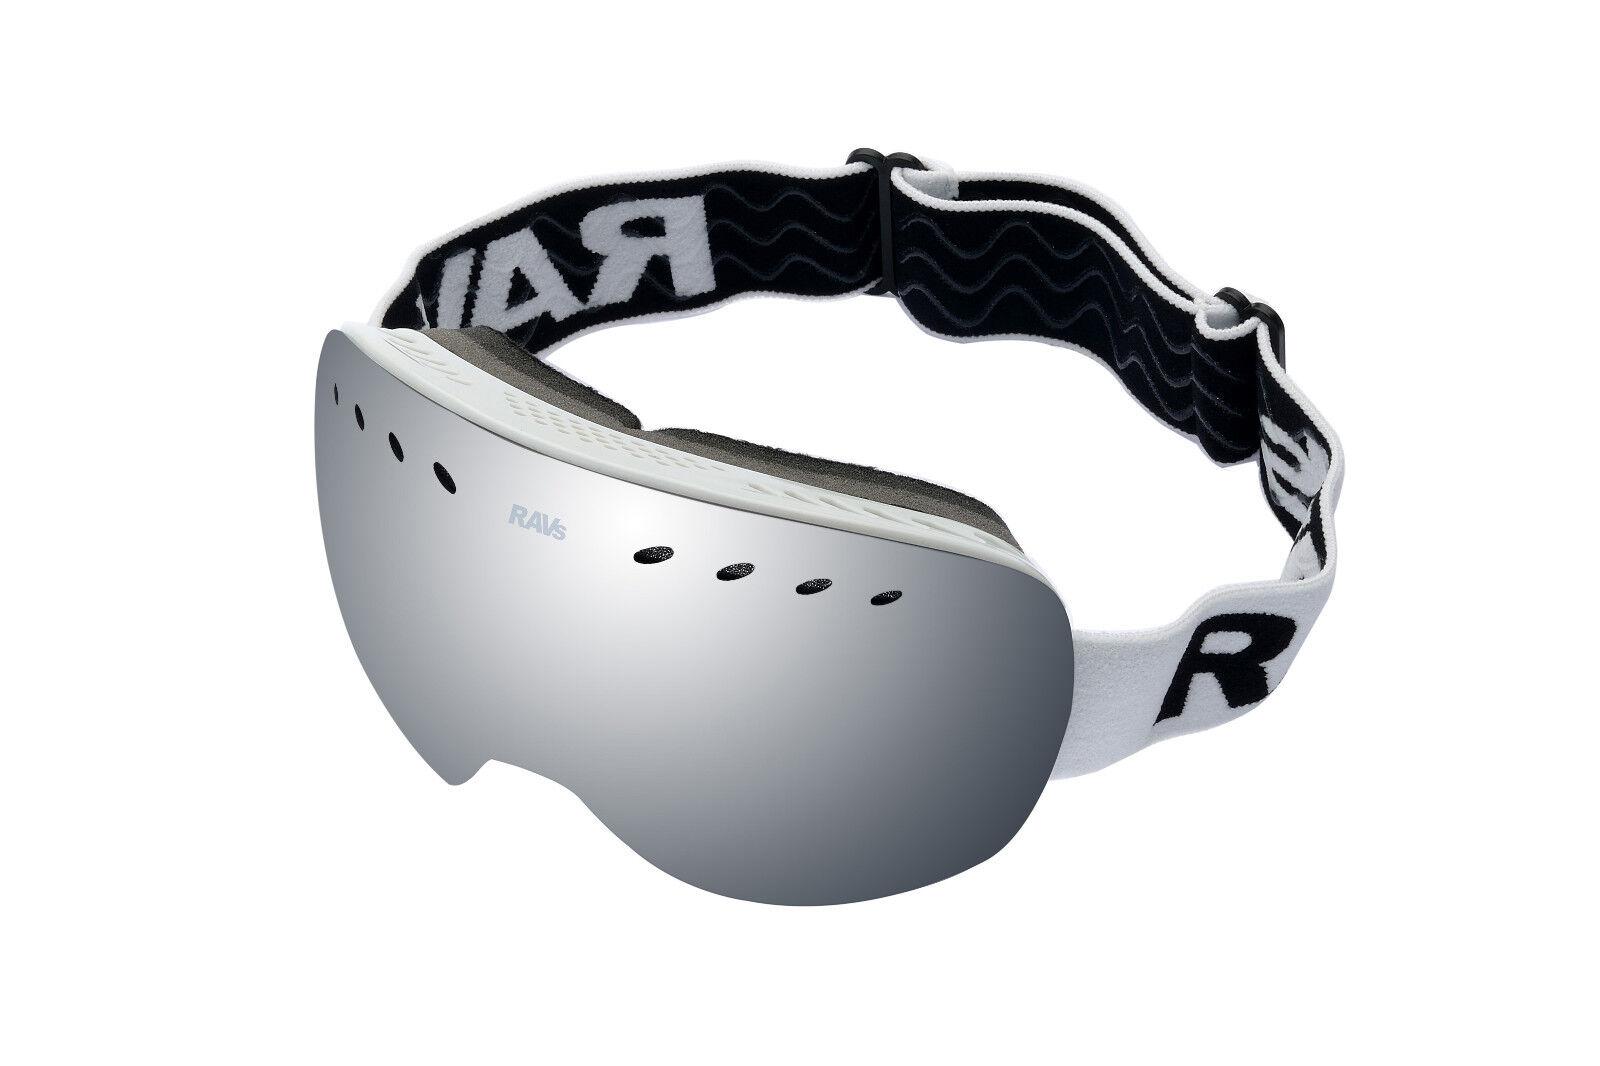 Ravs Schutzbrille  Skibrille Snowboardbrille Ski goggles Silber Scheibe Antifog